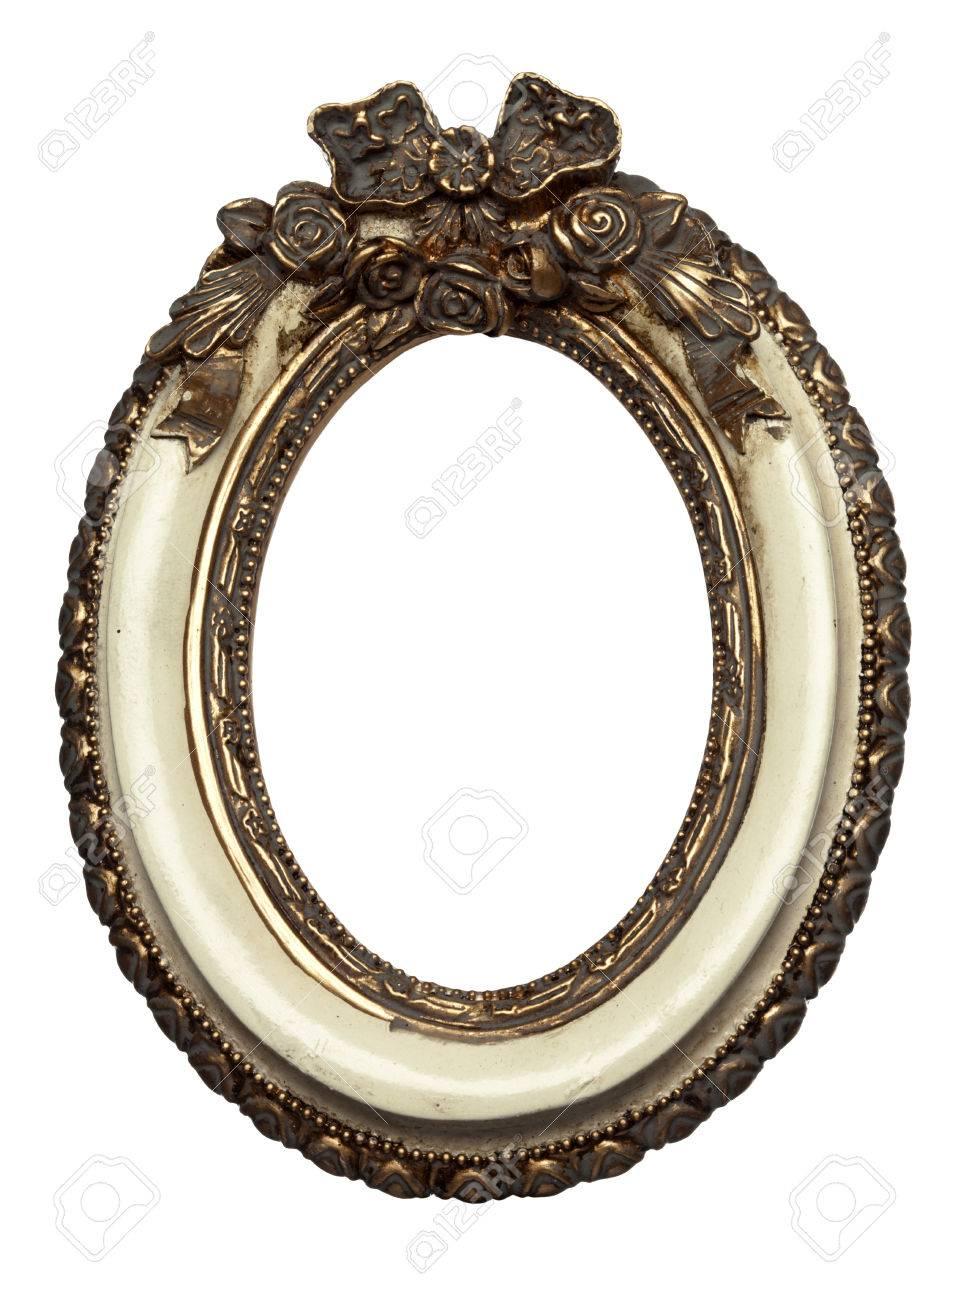 de forme ovale cadre photo baroque isole sur blanc banque d images et photos libres de droits image 29448705